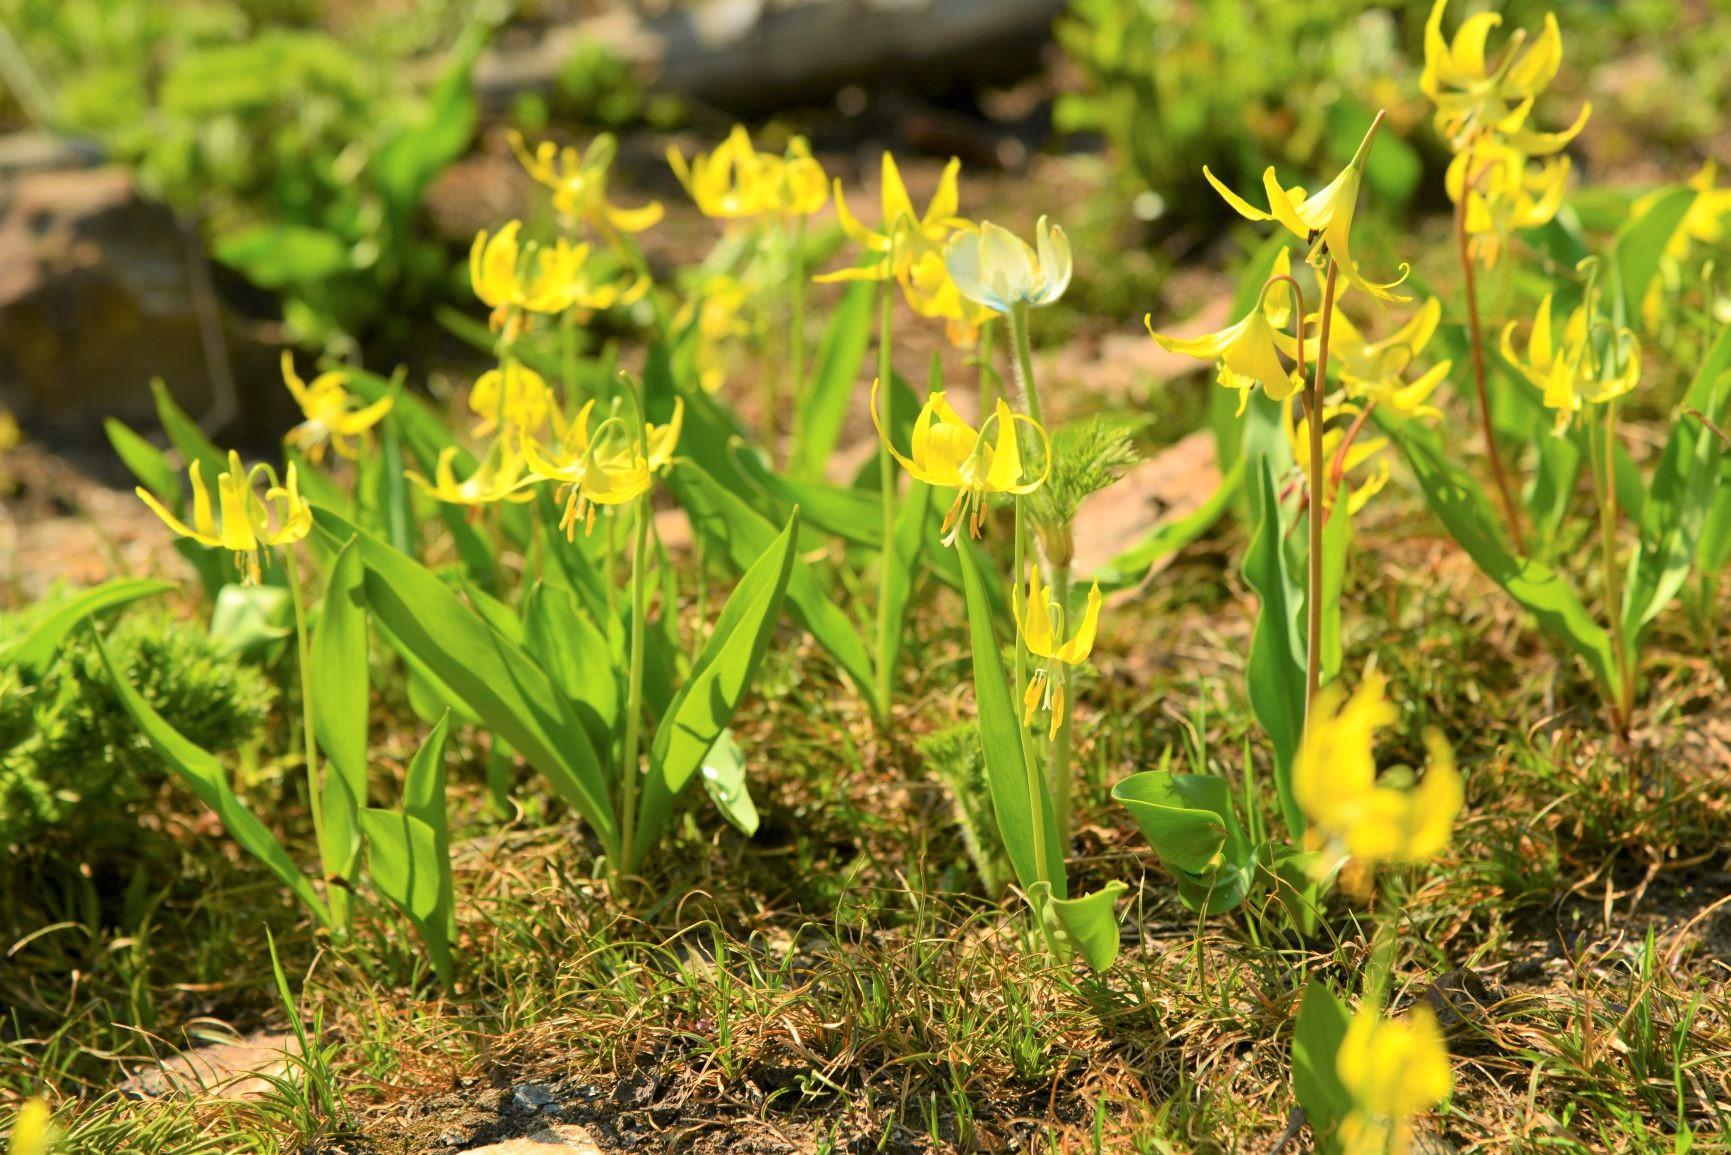 初夏に咲く黄色いカタクリ